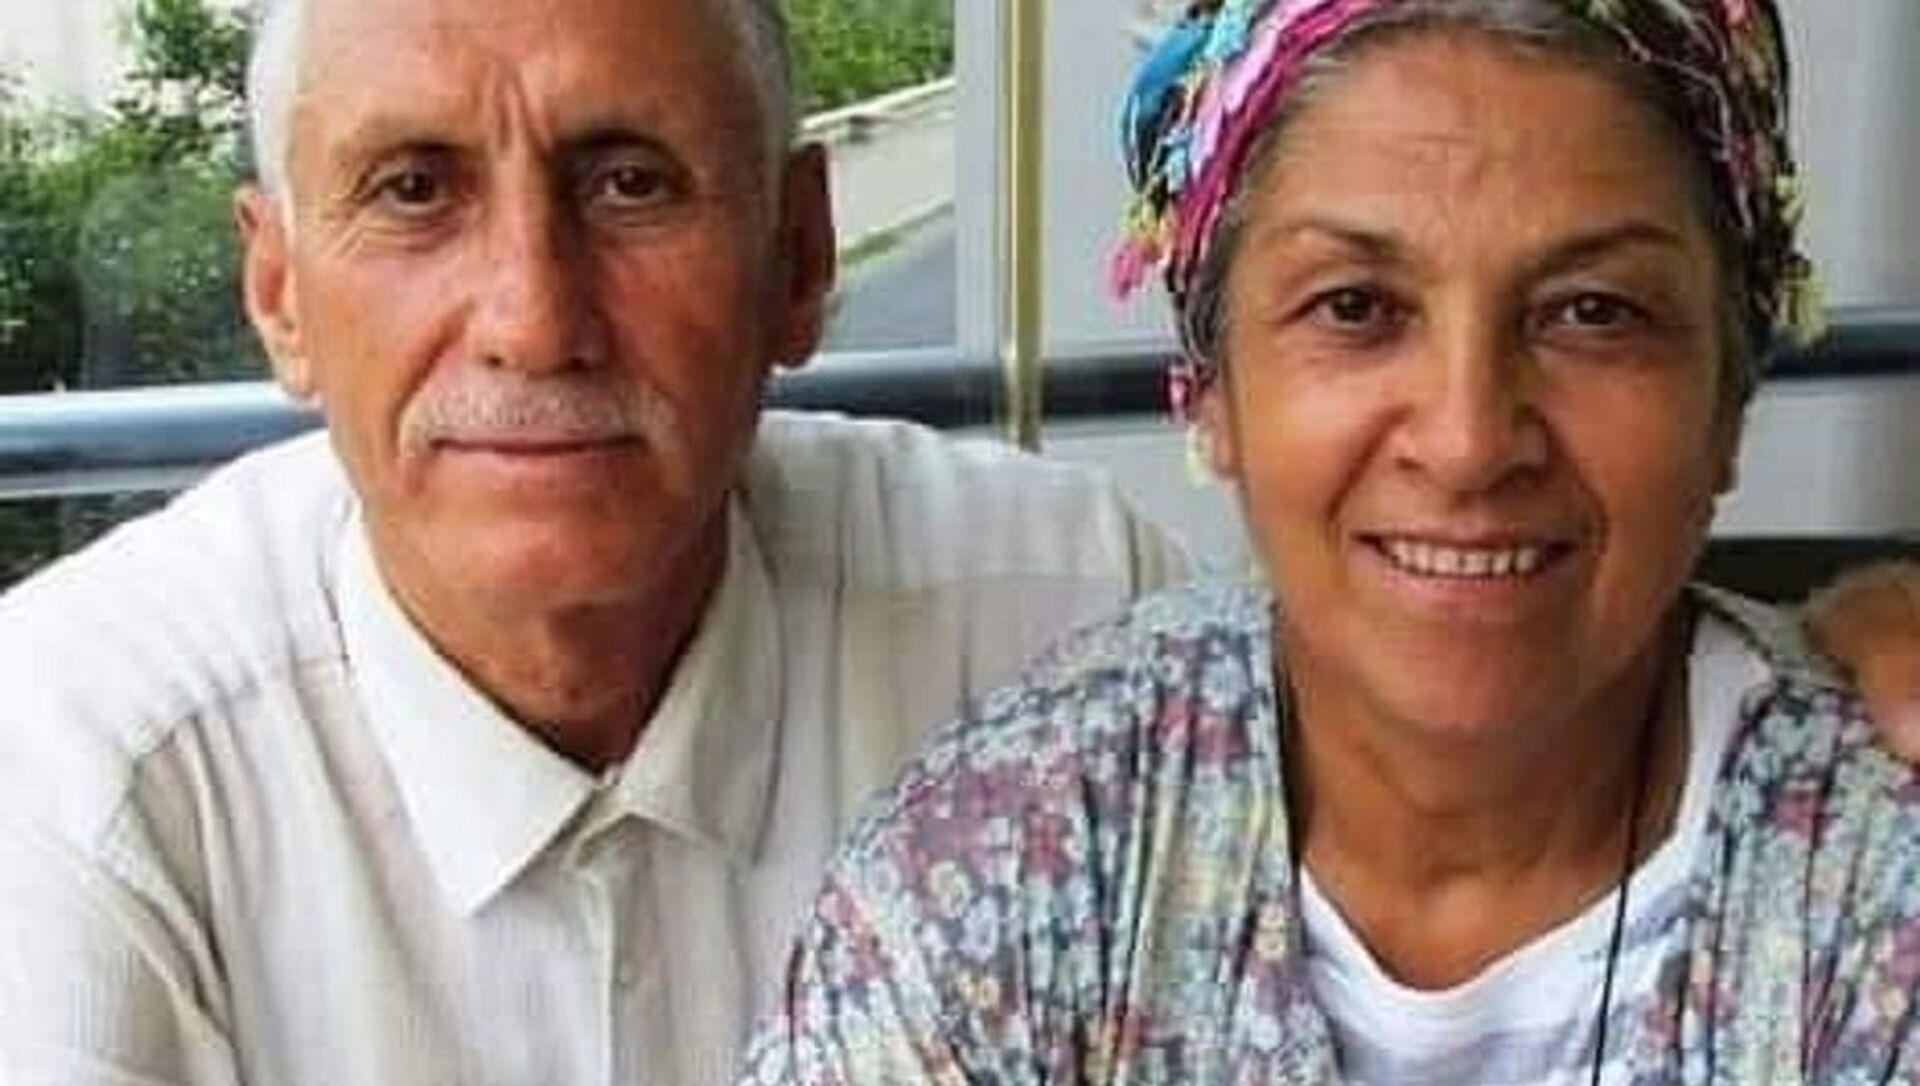 Emekli çift, başlarından vurularak öldürülmüş halde bulundu - Sputnik Türkiye, 1920, 22.03.2021